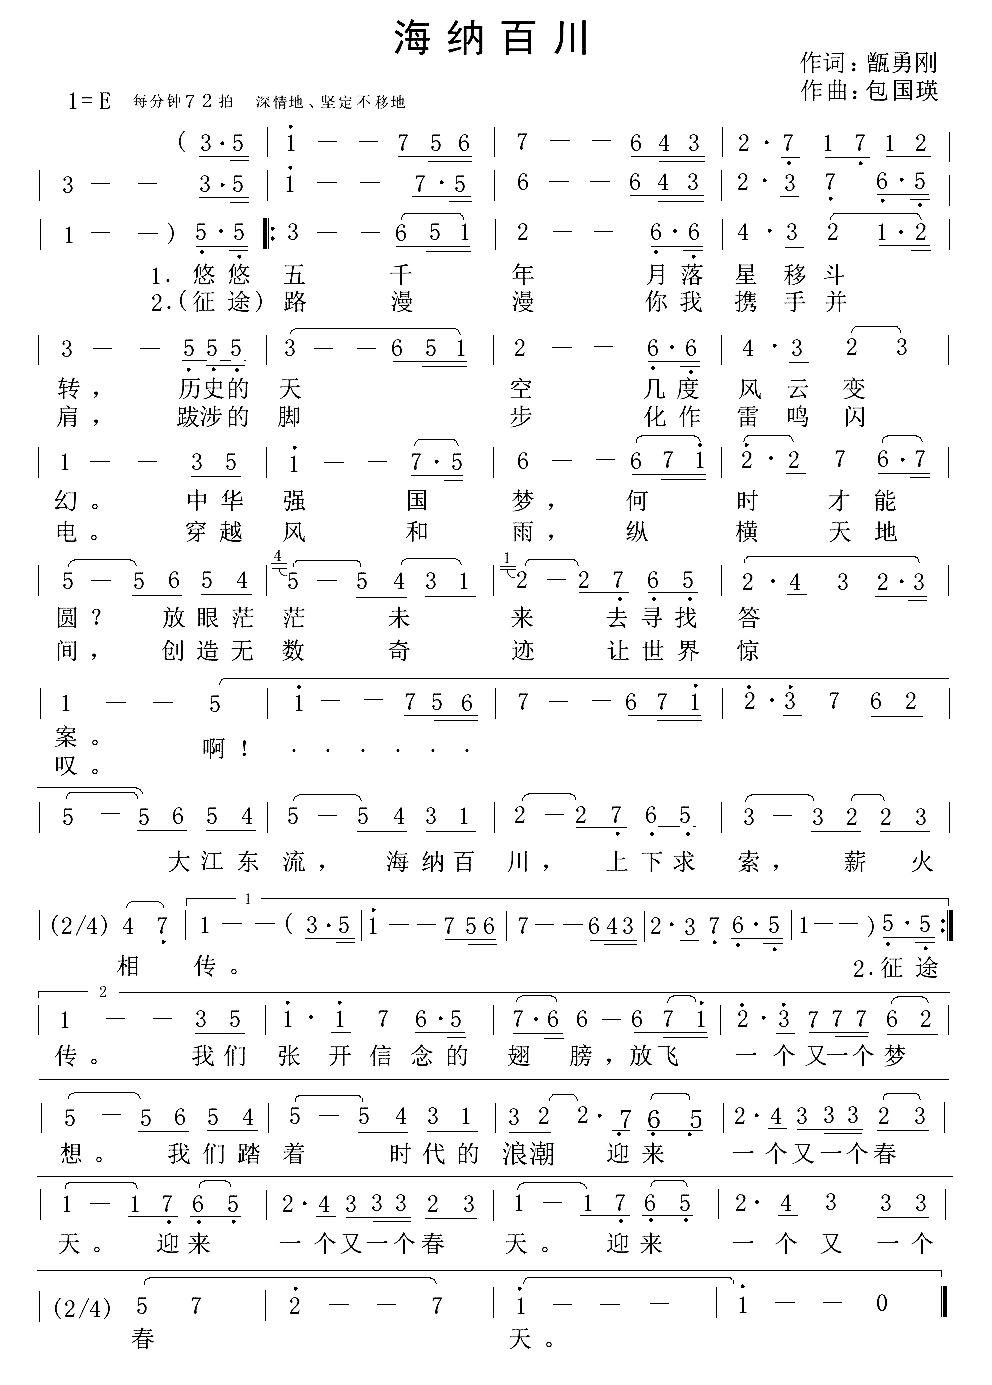 海纳百川歌词、歌谱